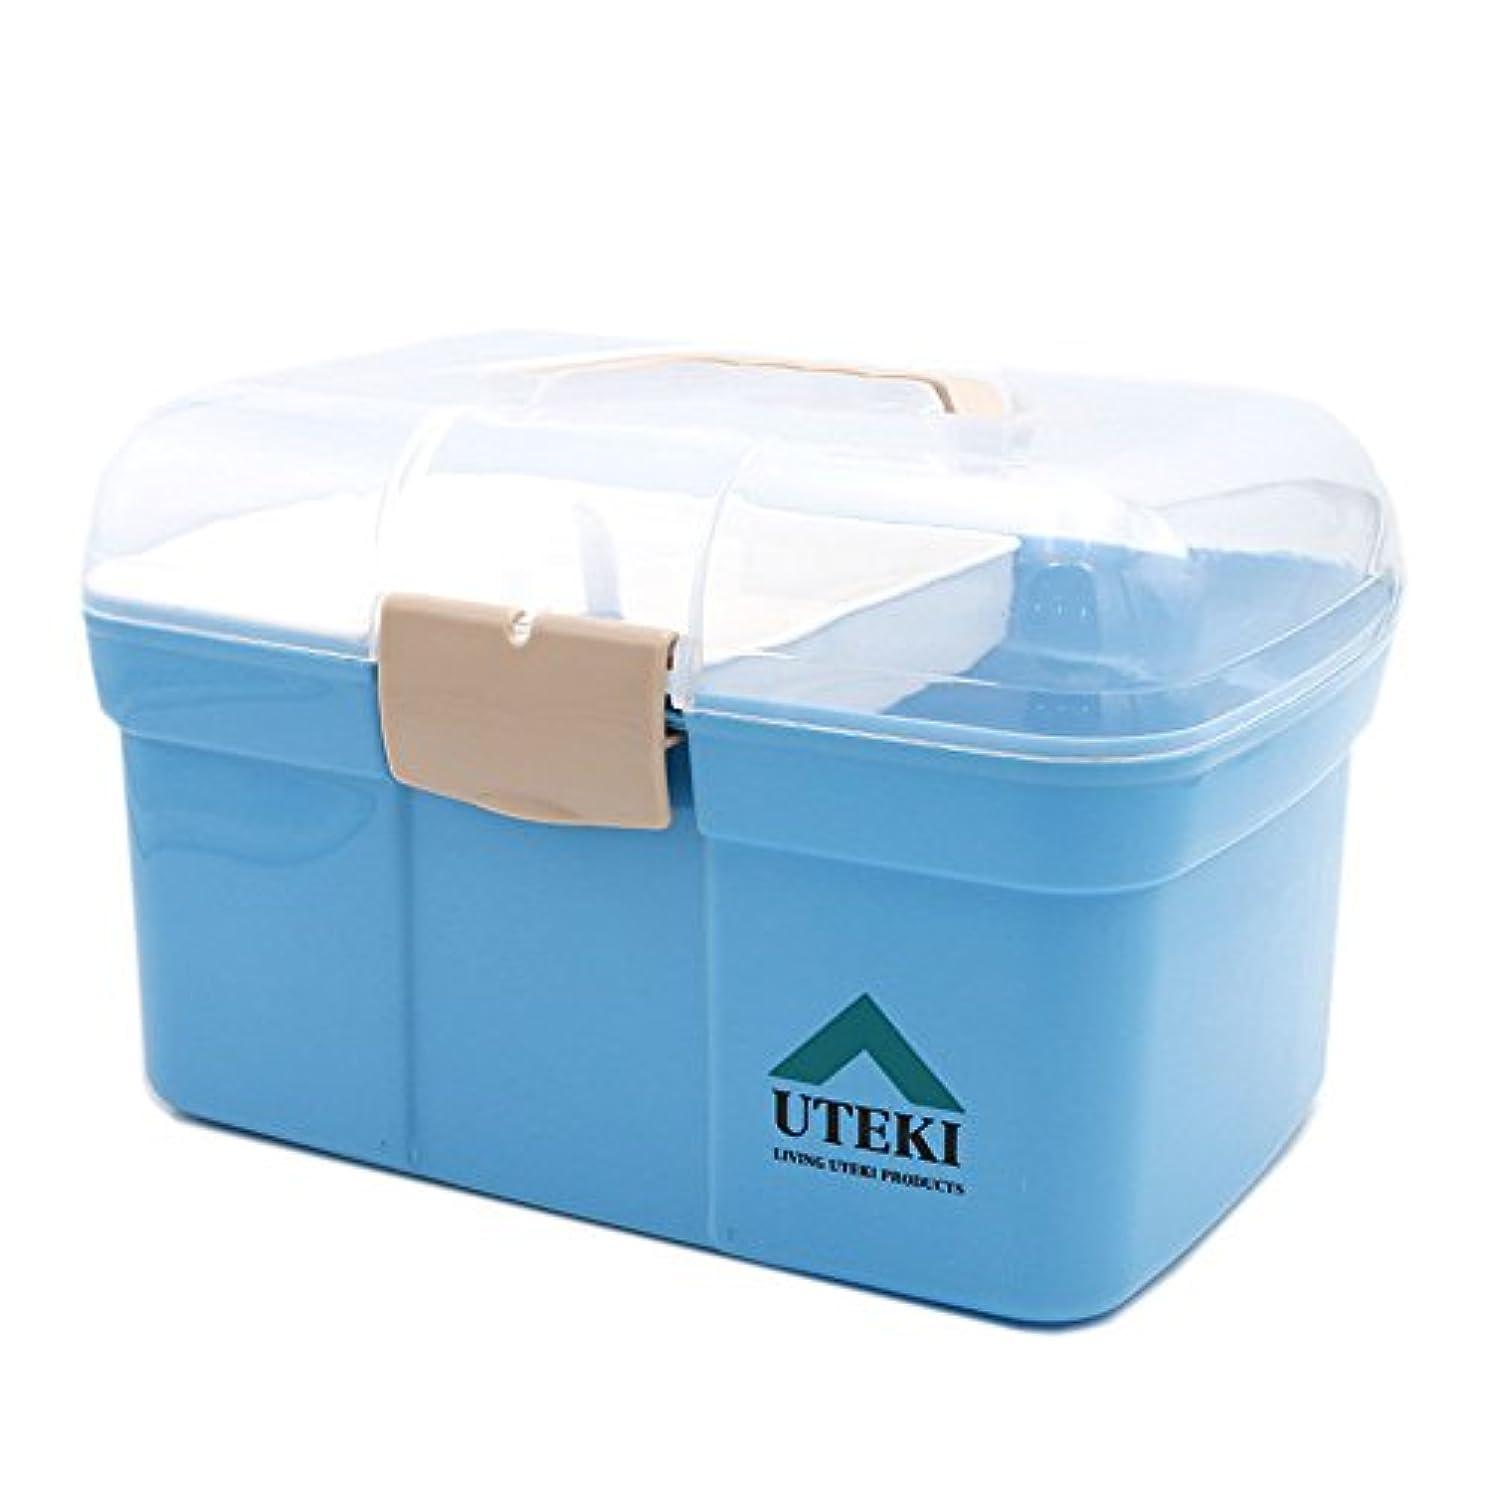 寄稿者疾患試用応急処置キット 収納応急処置用品収納ボックス応急処置キットプラスチックピル収納ボックスリムーバブルトレイ ストレージ救急用品 (Color : Blue)